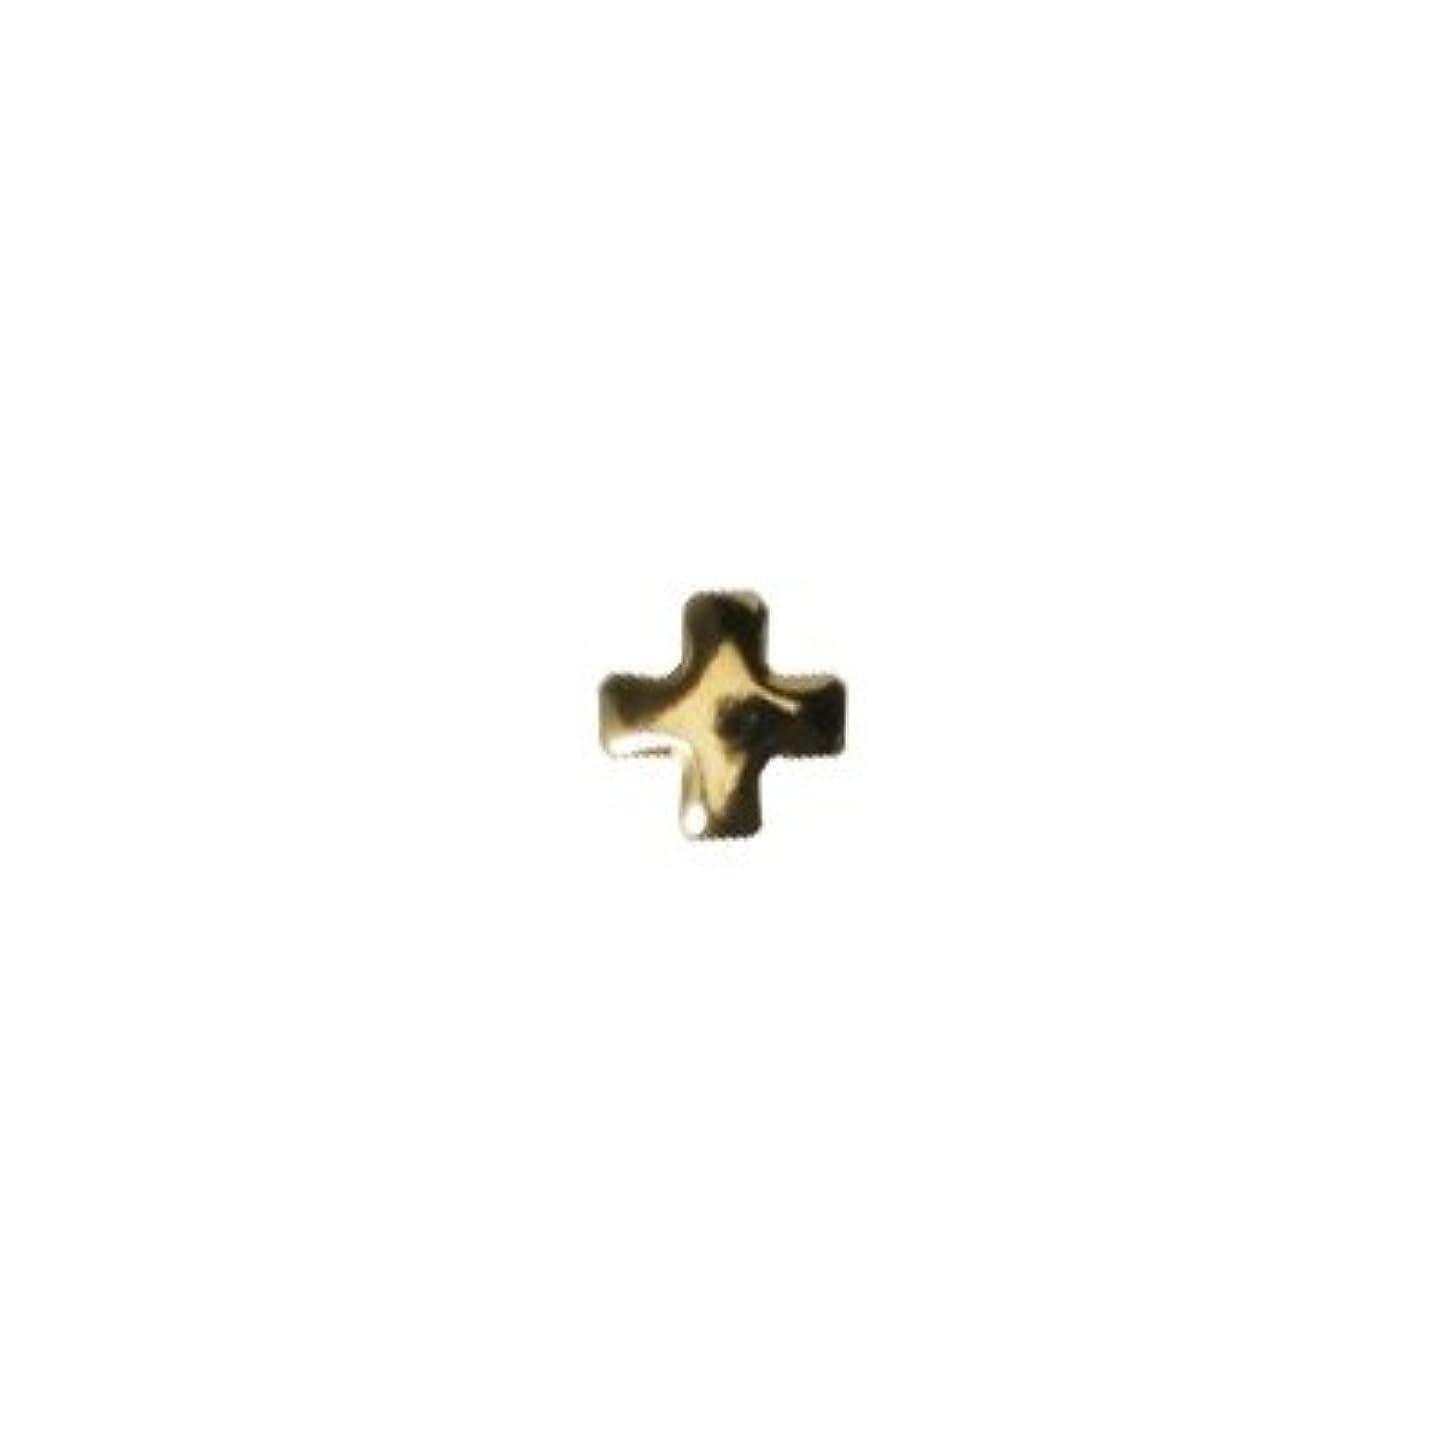 素朴なスモッグヒギンズピアドラ スタッズ クロスレット 2mm 50P ゴールド